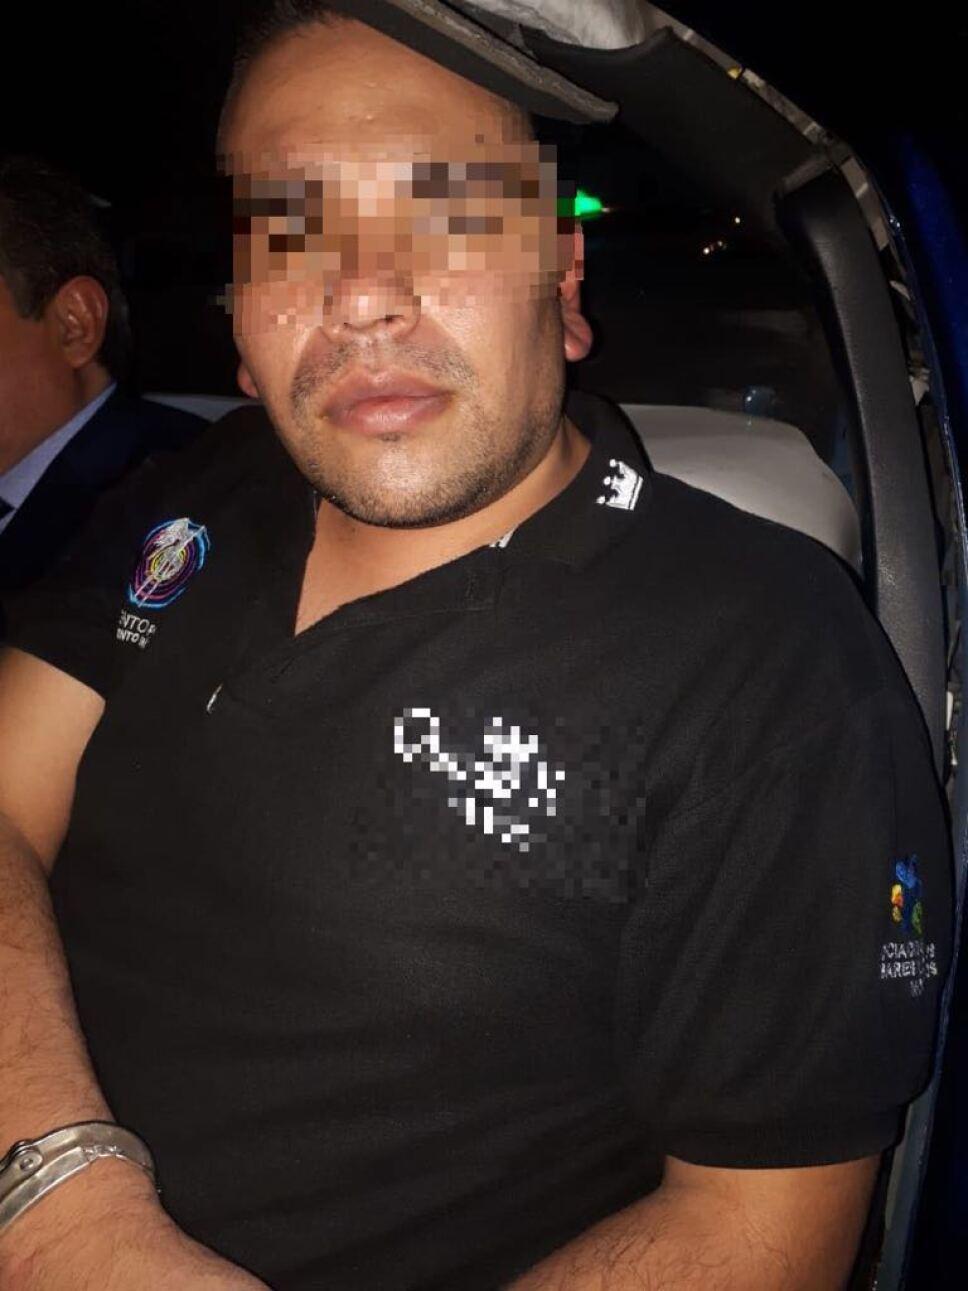 Operativo trata de personas detenidos droga y dinero 4